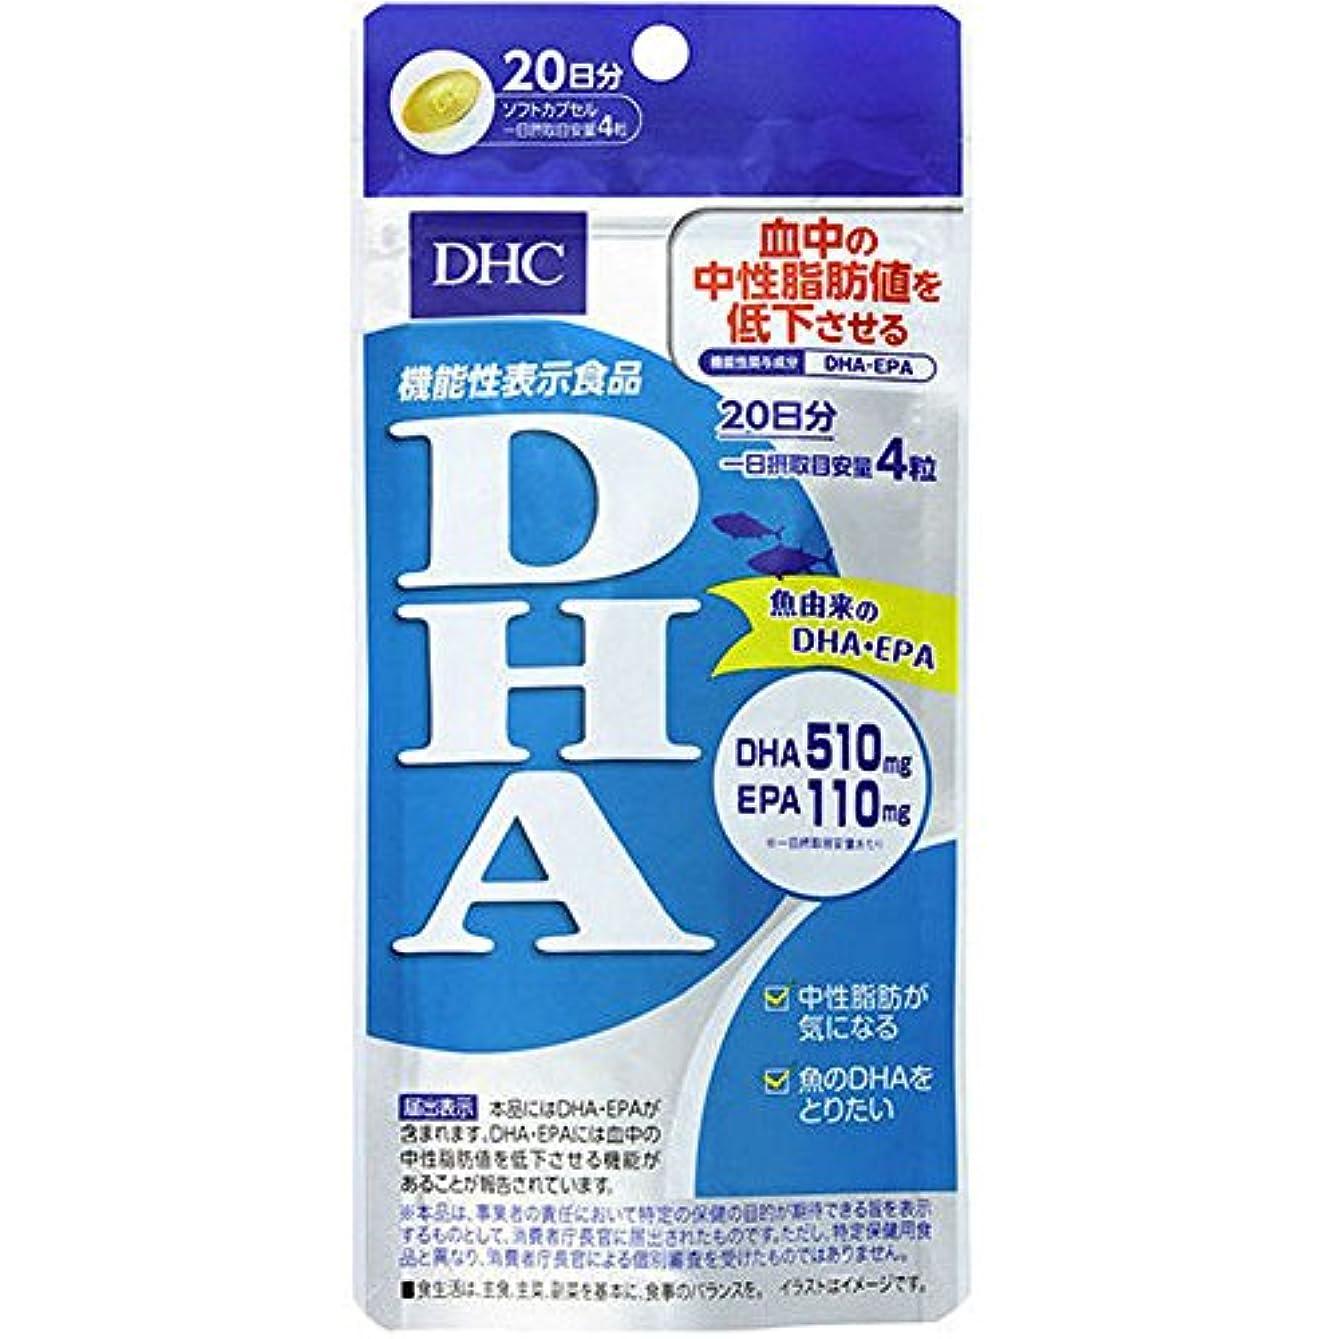 絶縁するオークランド改善DHC DHA 20日分 80粒 【機能性表示食品】